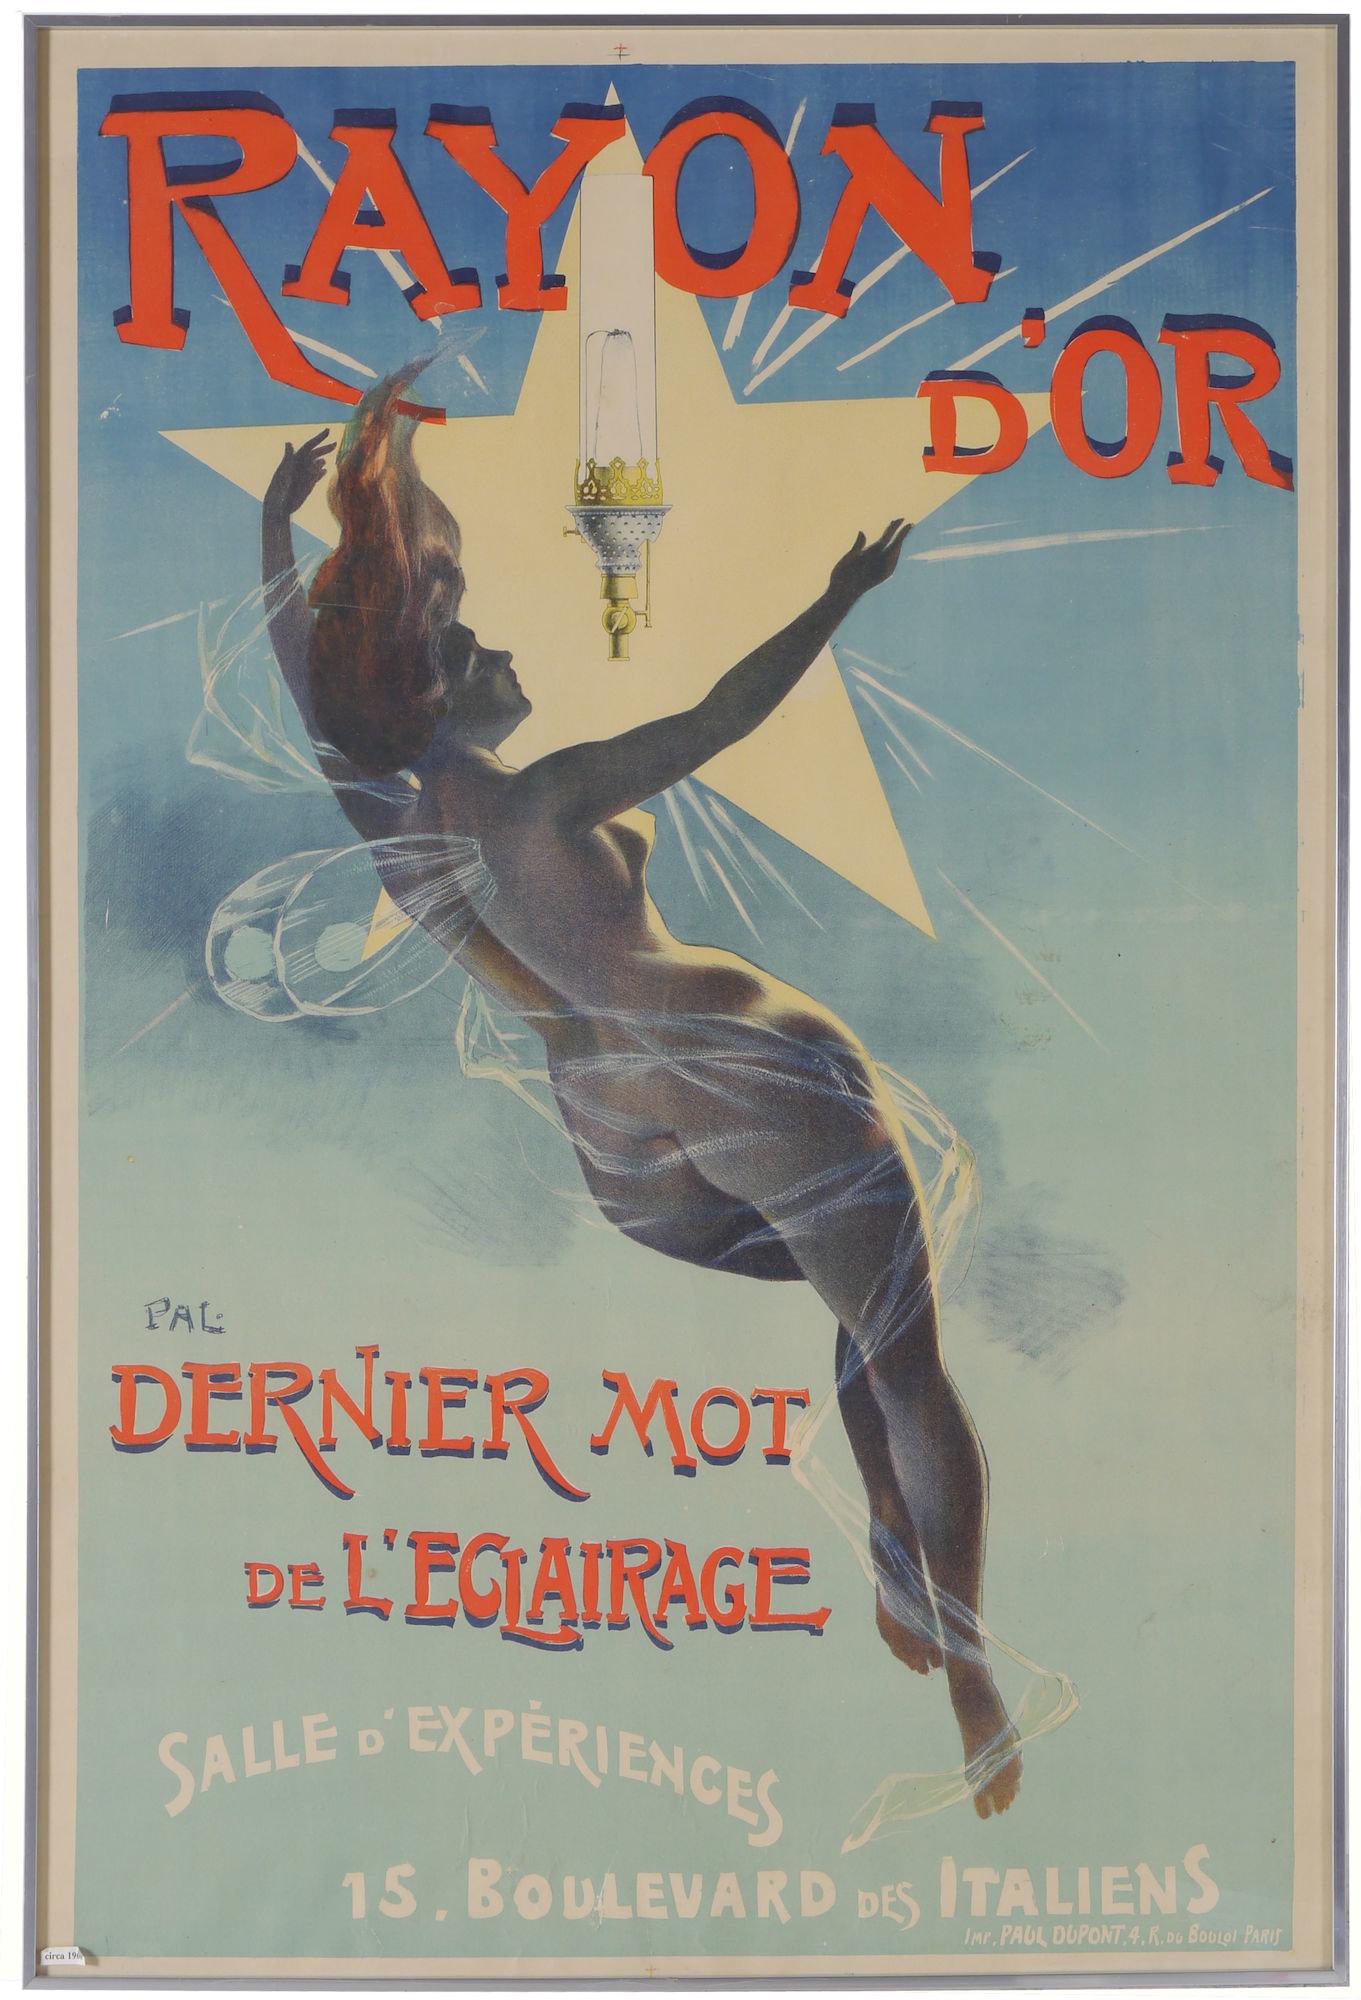 Affiche voor gasmantelverlichting Rayon d'Or